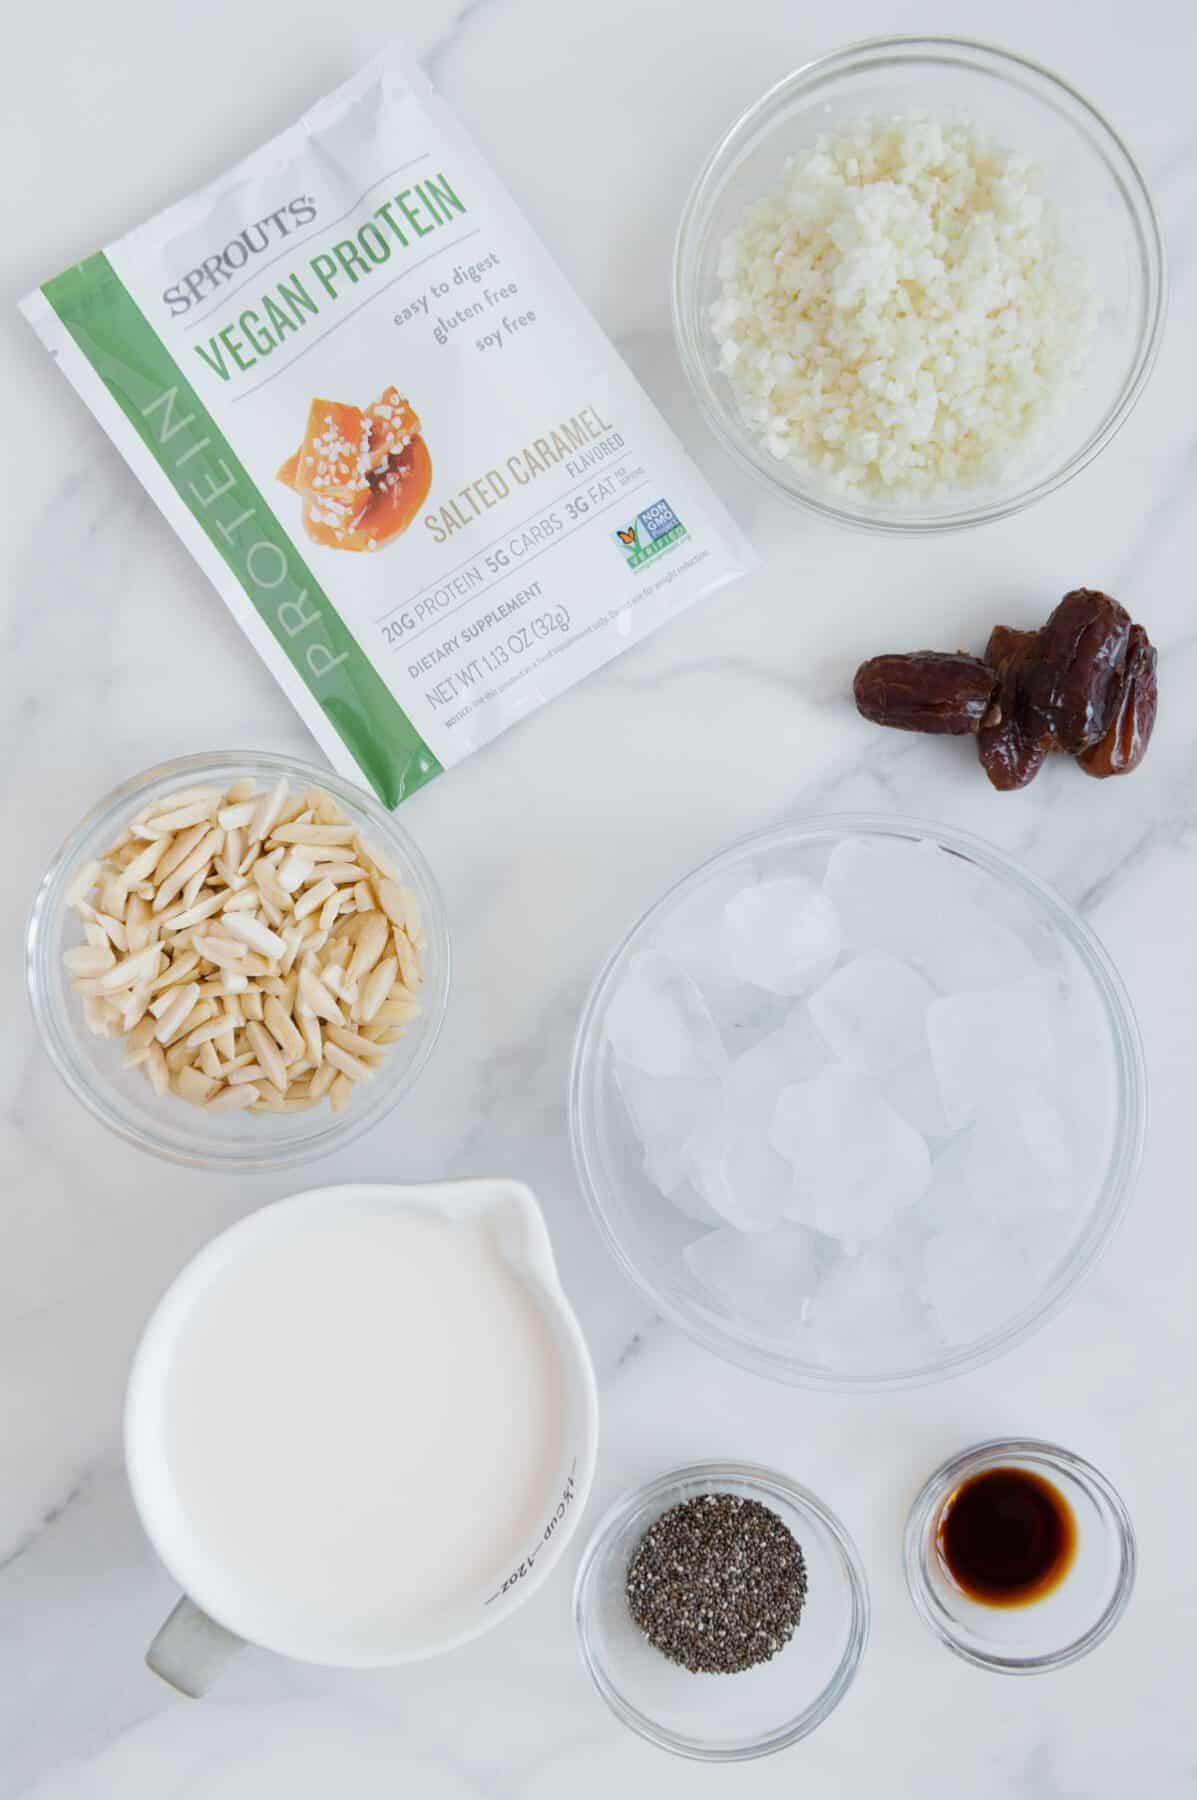 Vegan Salted Caramel Smoothie Ingredients